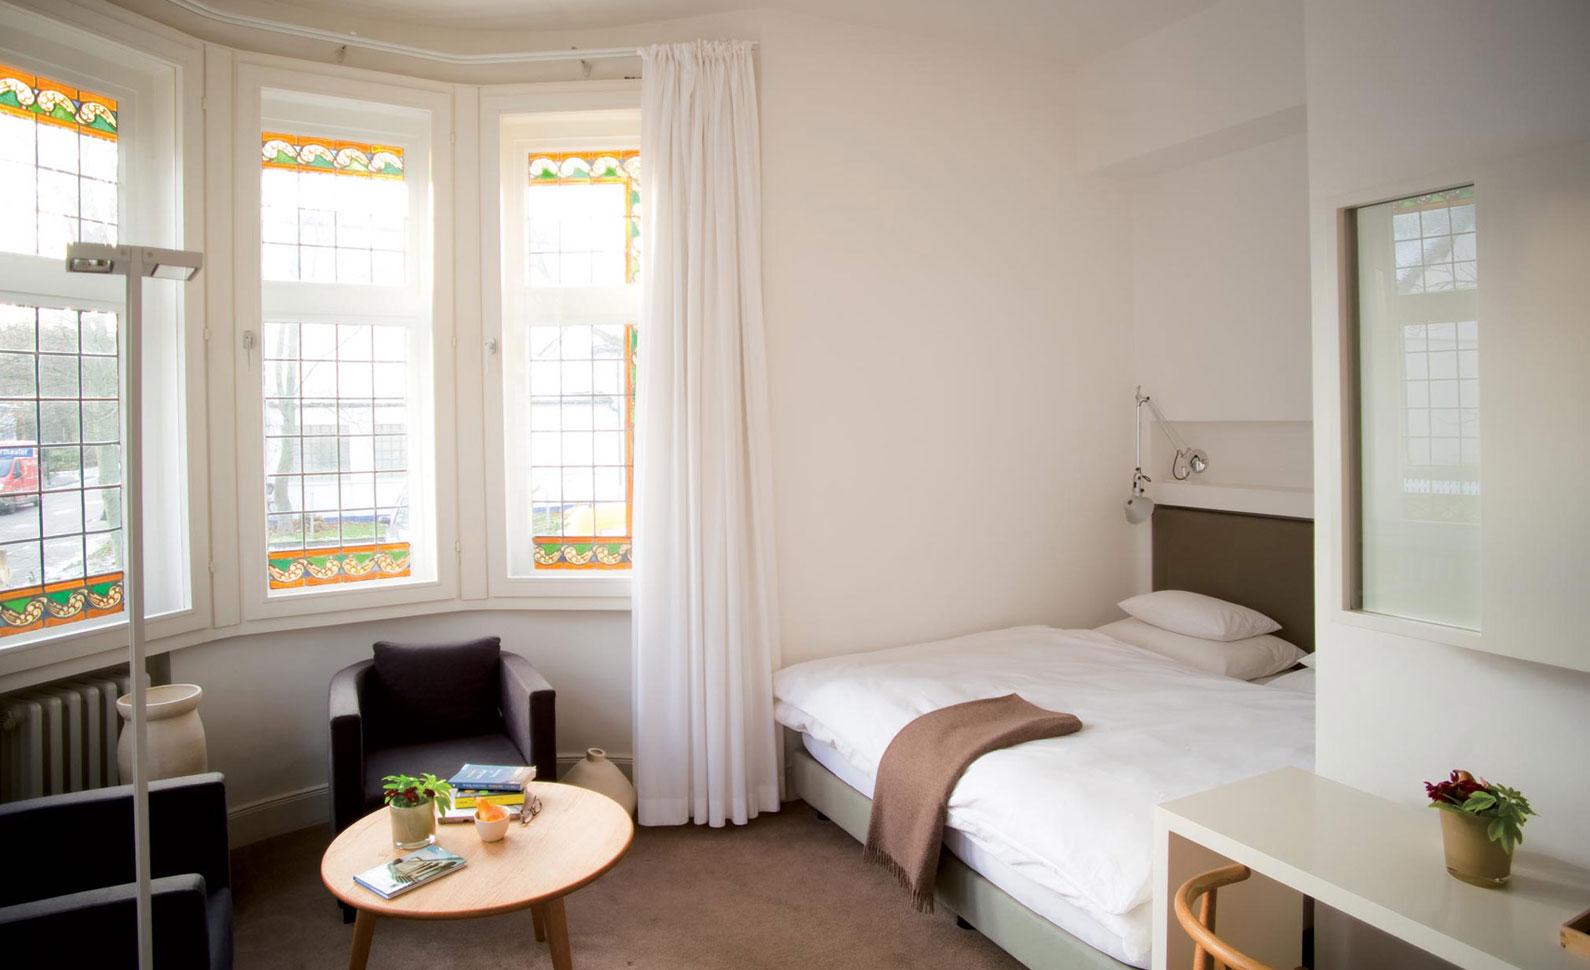 zimmer ii hotel haus norderney. Black Bedroom Furniture Sets. Home Design Ideas